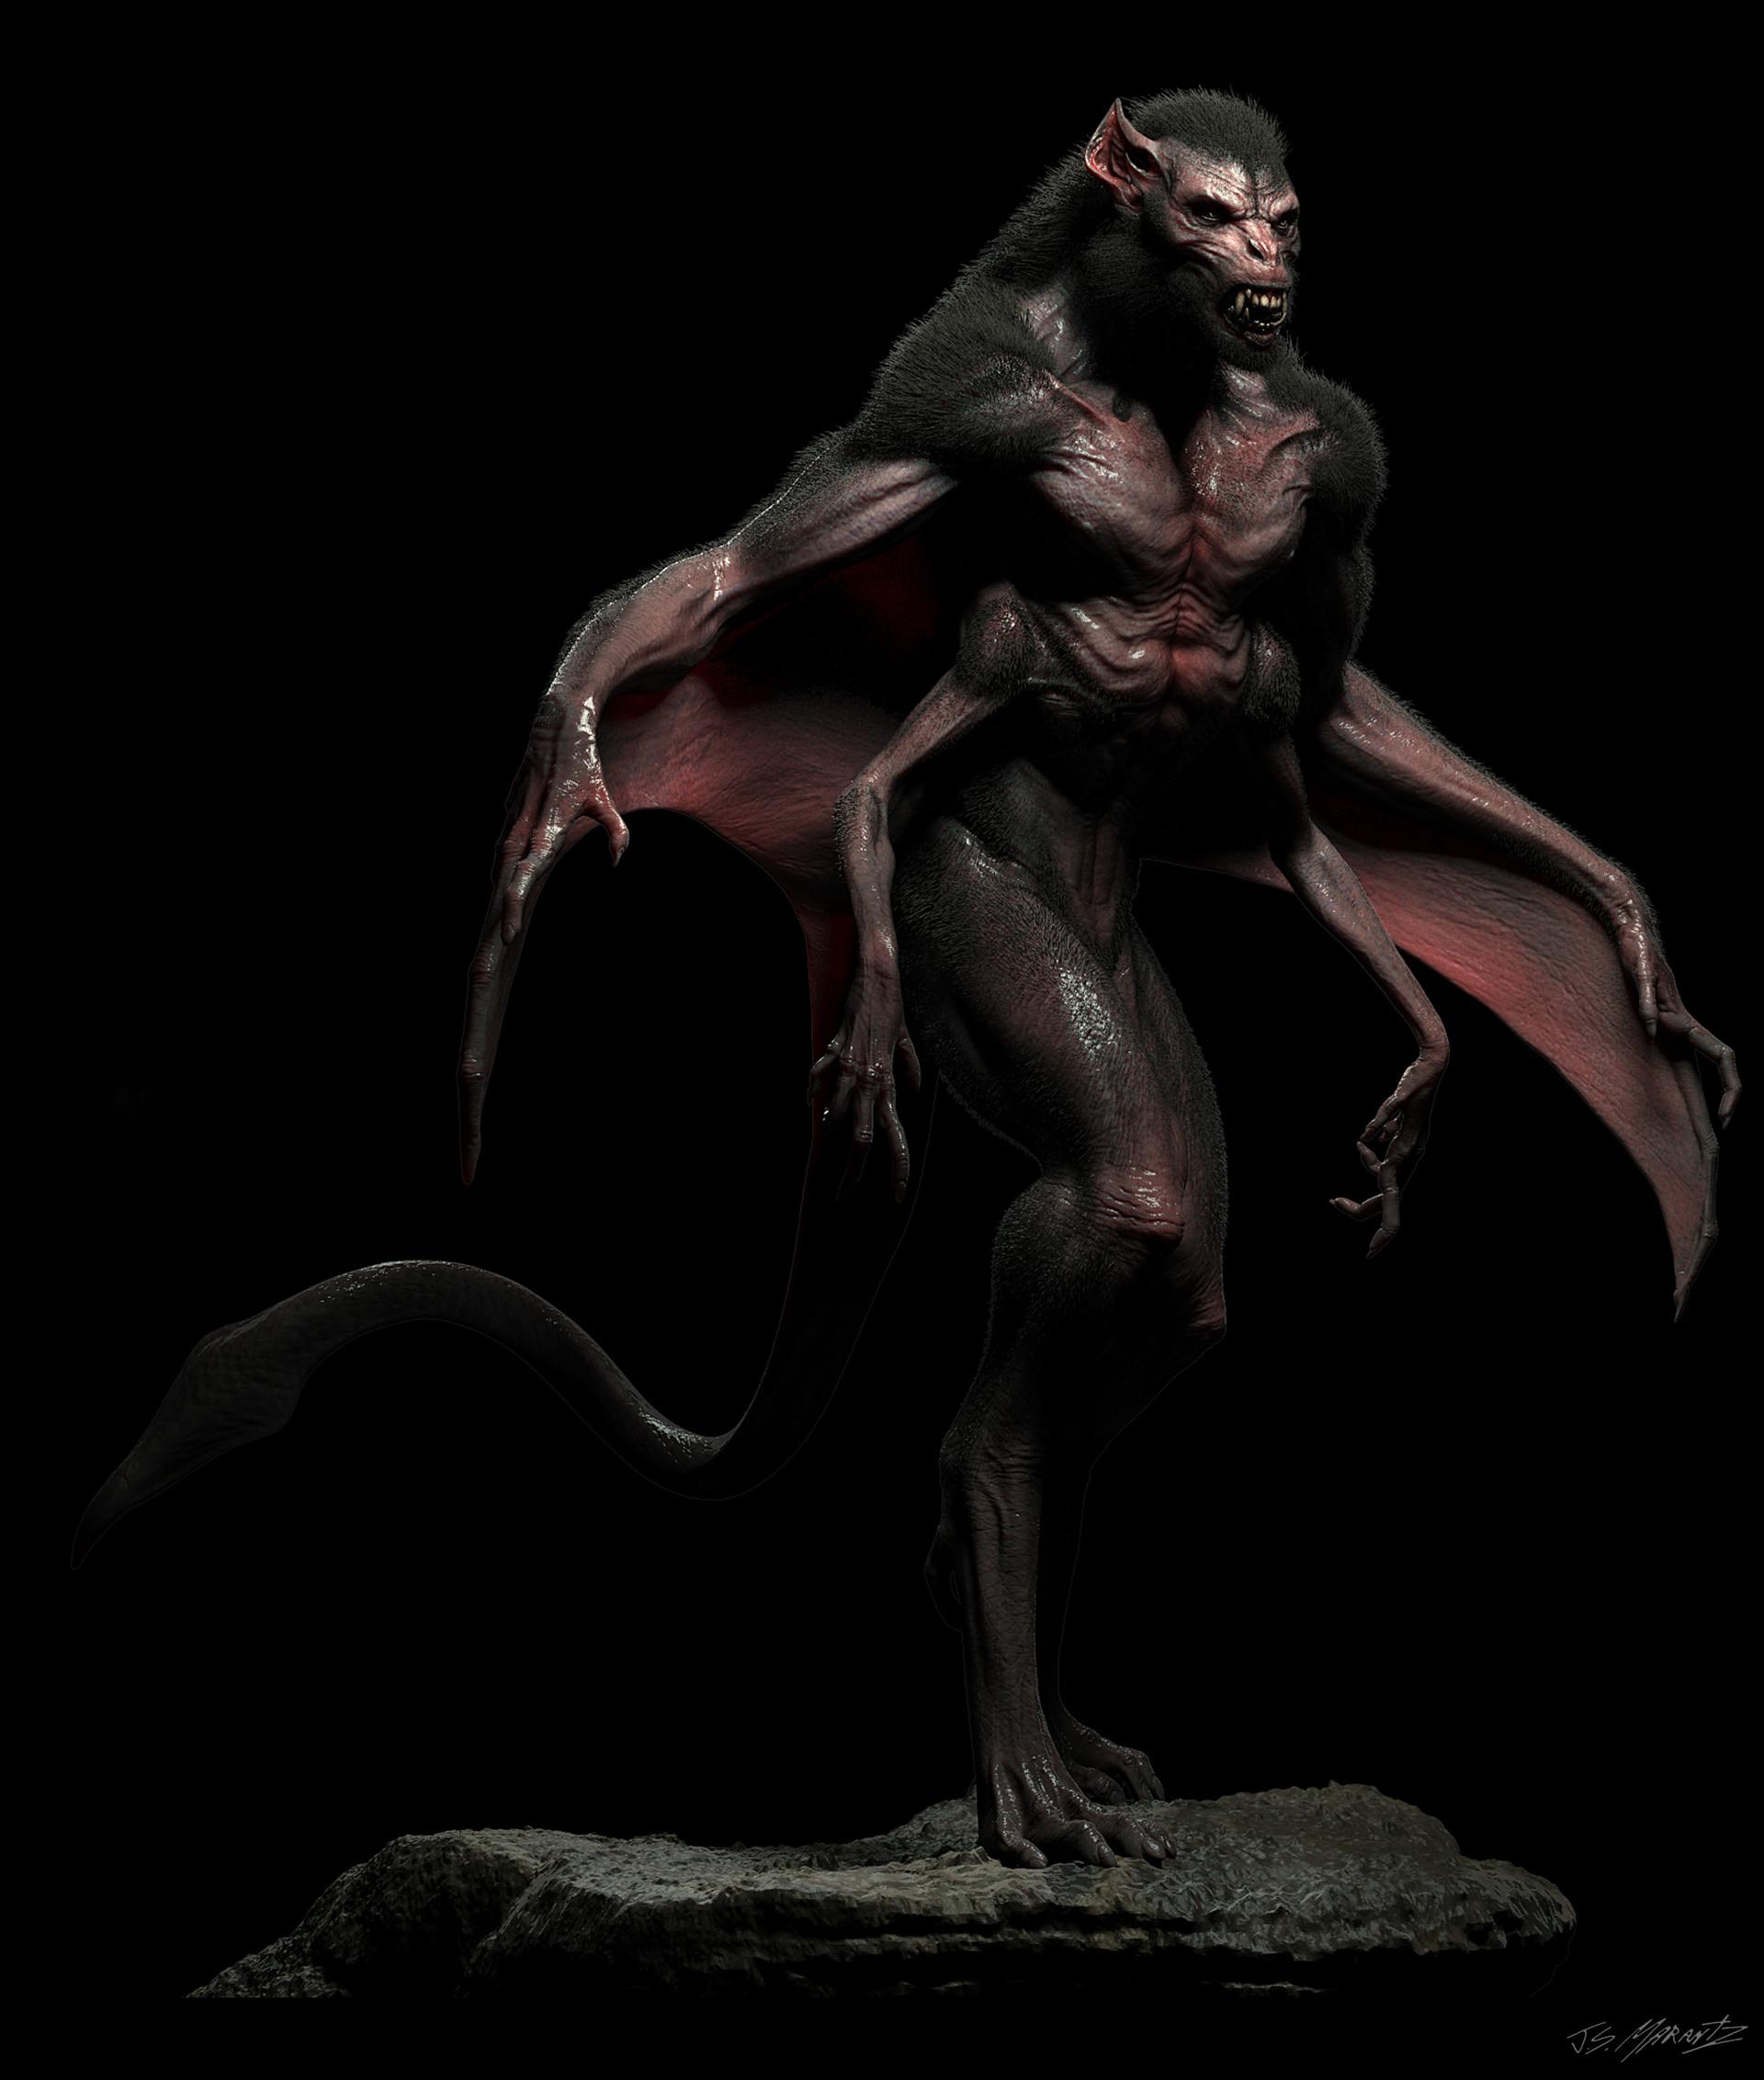 Jerx marantz bat creature conceptart workshop sprex hair 1